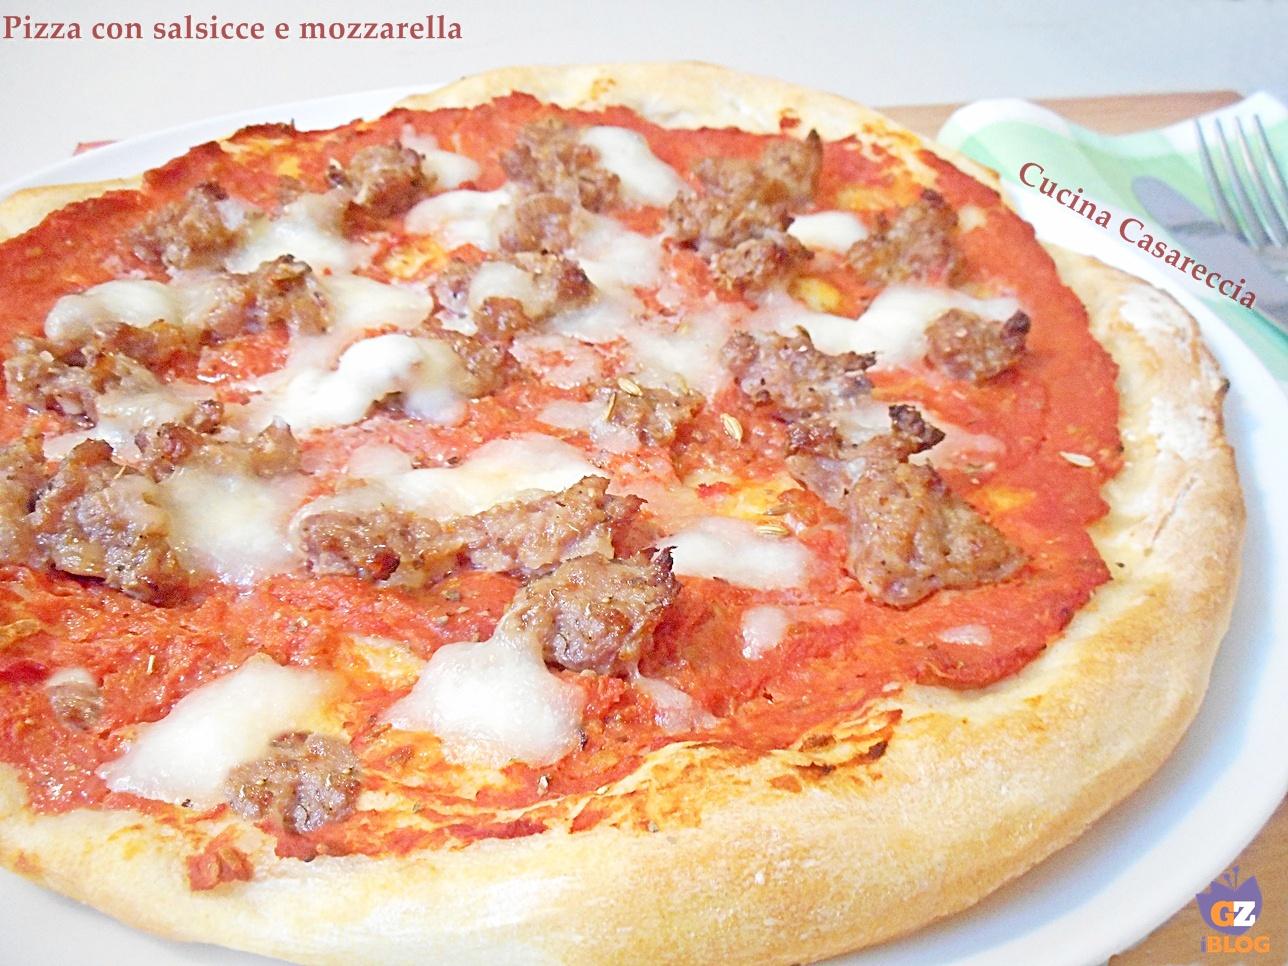 Pizza con salsicce e mozzarella